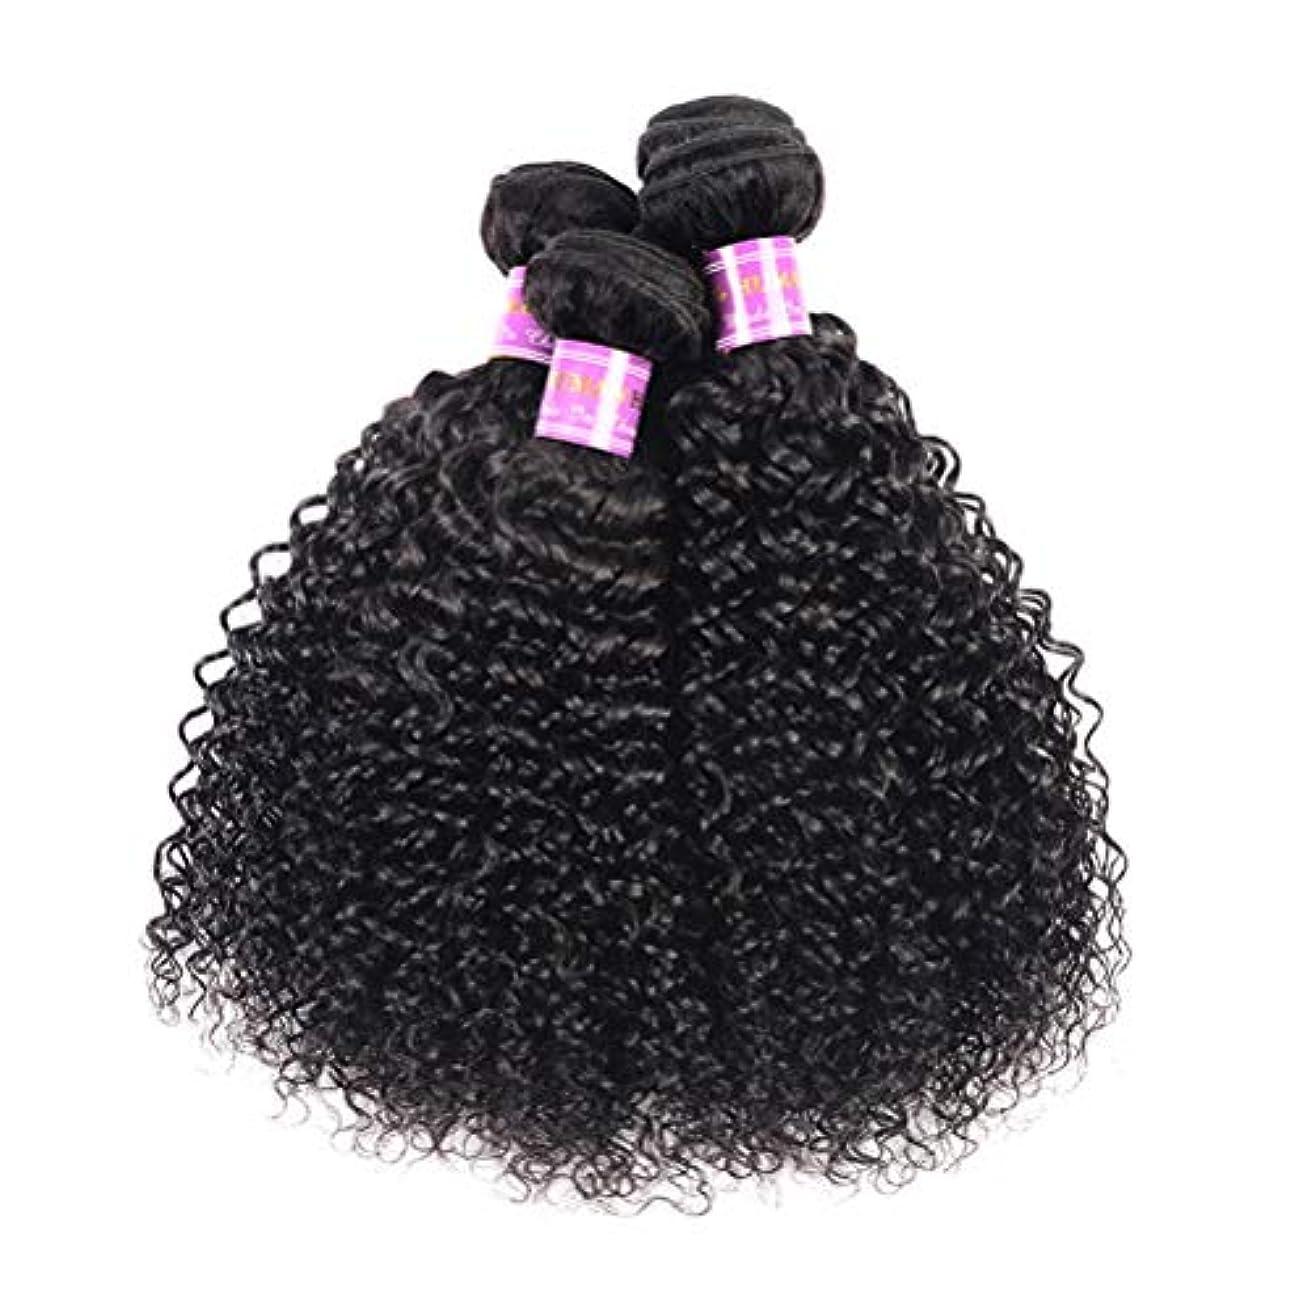 広く天井カロリー髪織り8a変態カーリーヘアー1バンドル人間の髪織り未処理ブラジルレミーバージンレミー髪